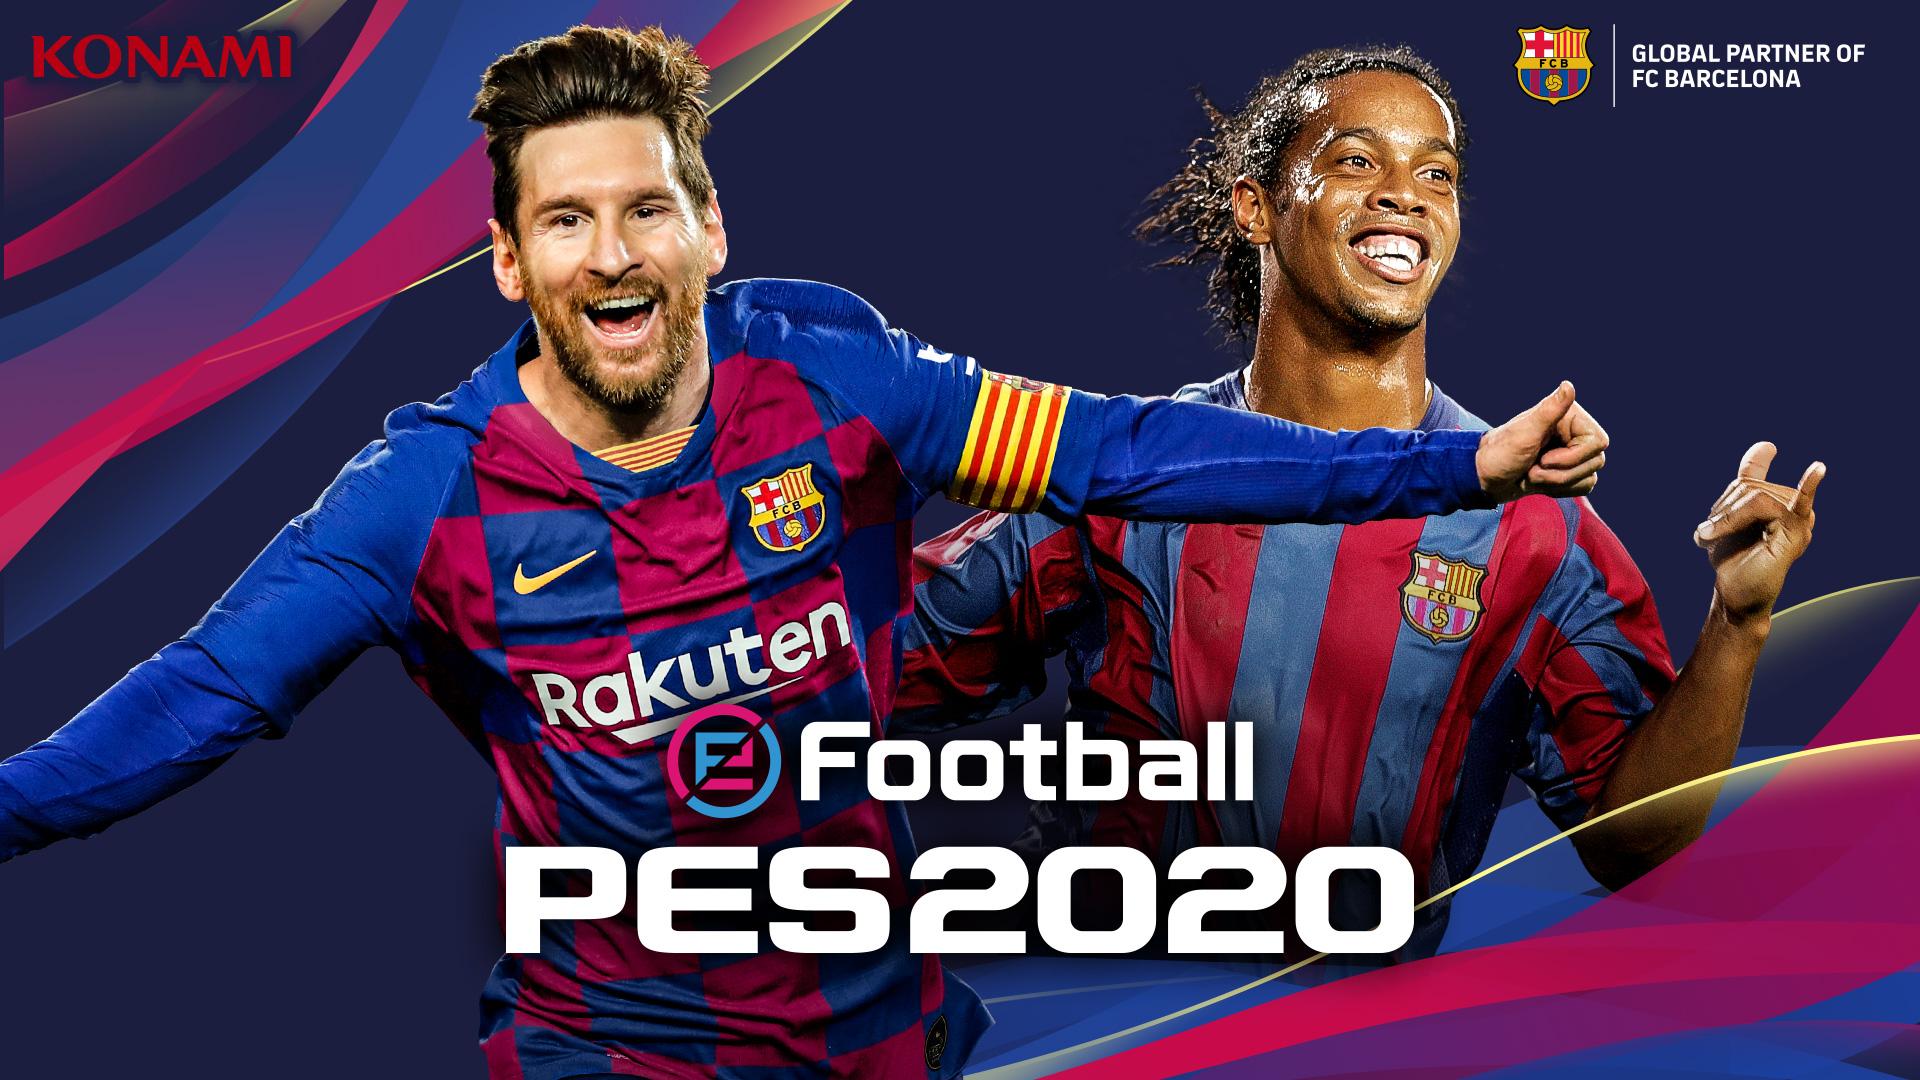 eFootball PES 2020 - eFootball PES 2020